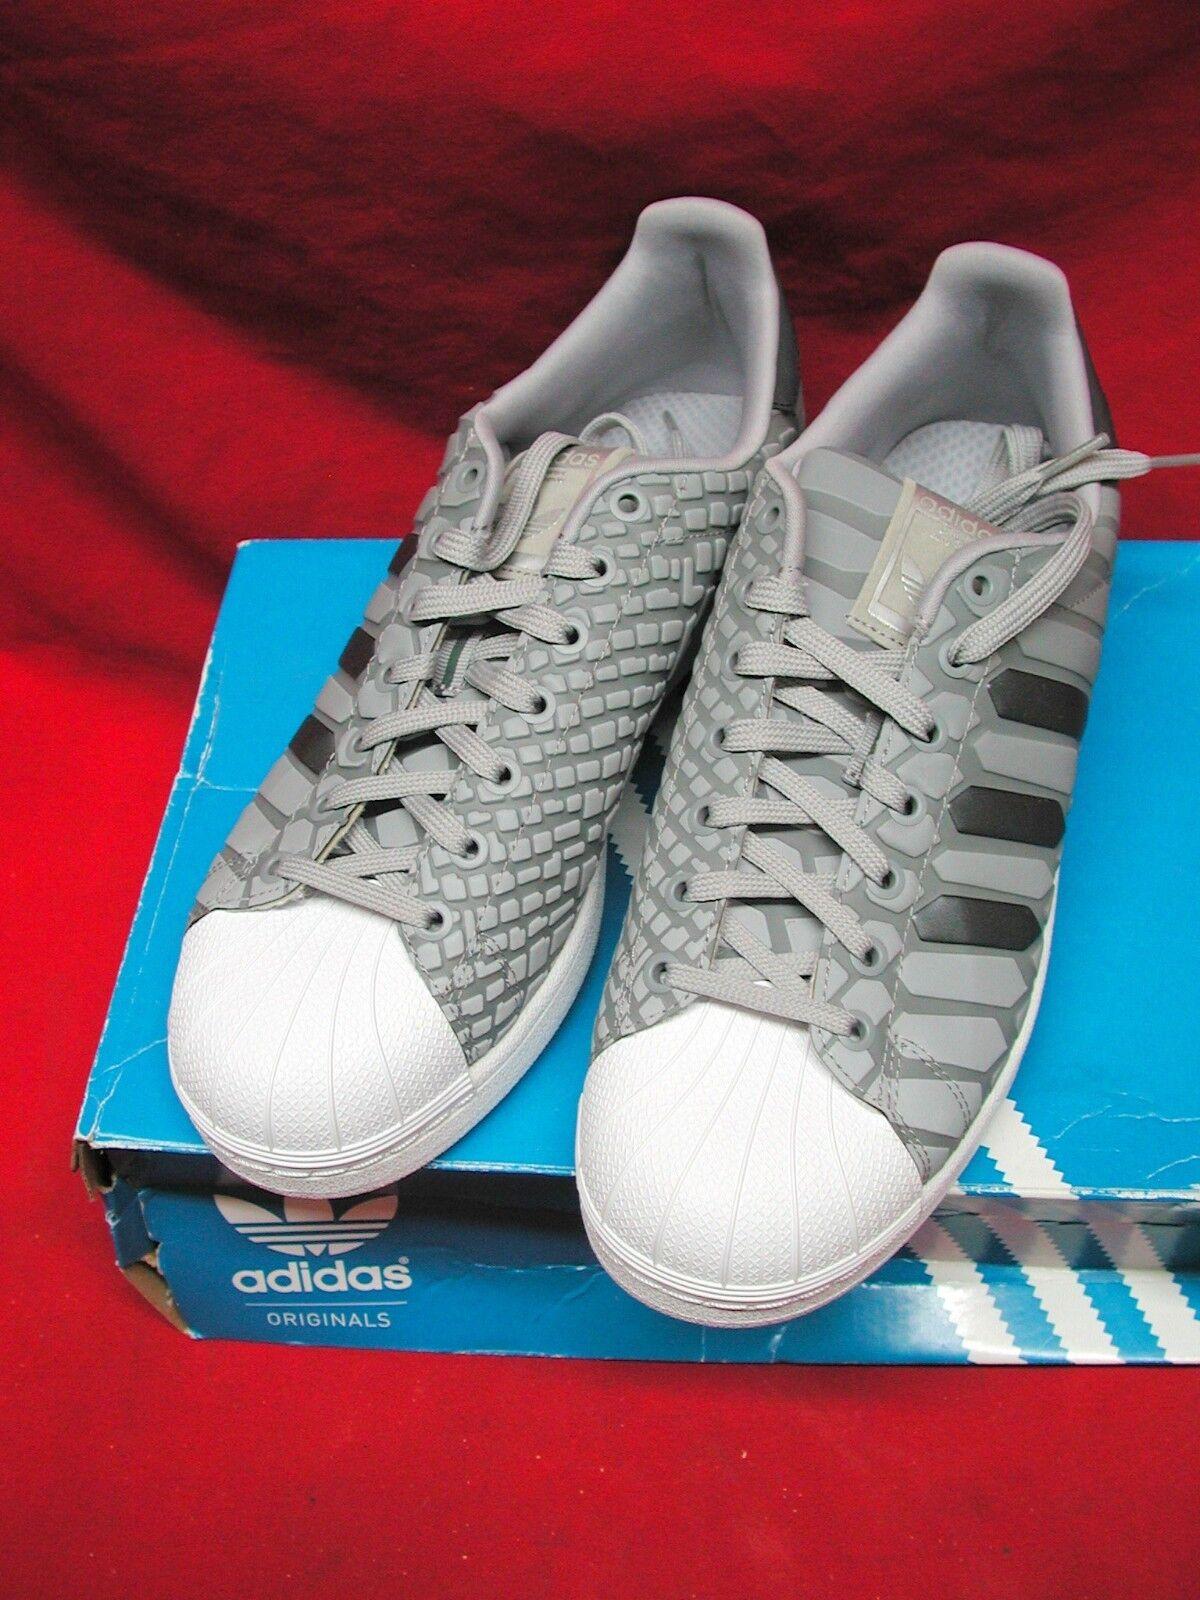 Adidas superstar xeno grigio argento d69367 prisma riflettente originali 3m d69367 argento noi uomini 10 a544b1